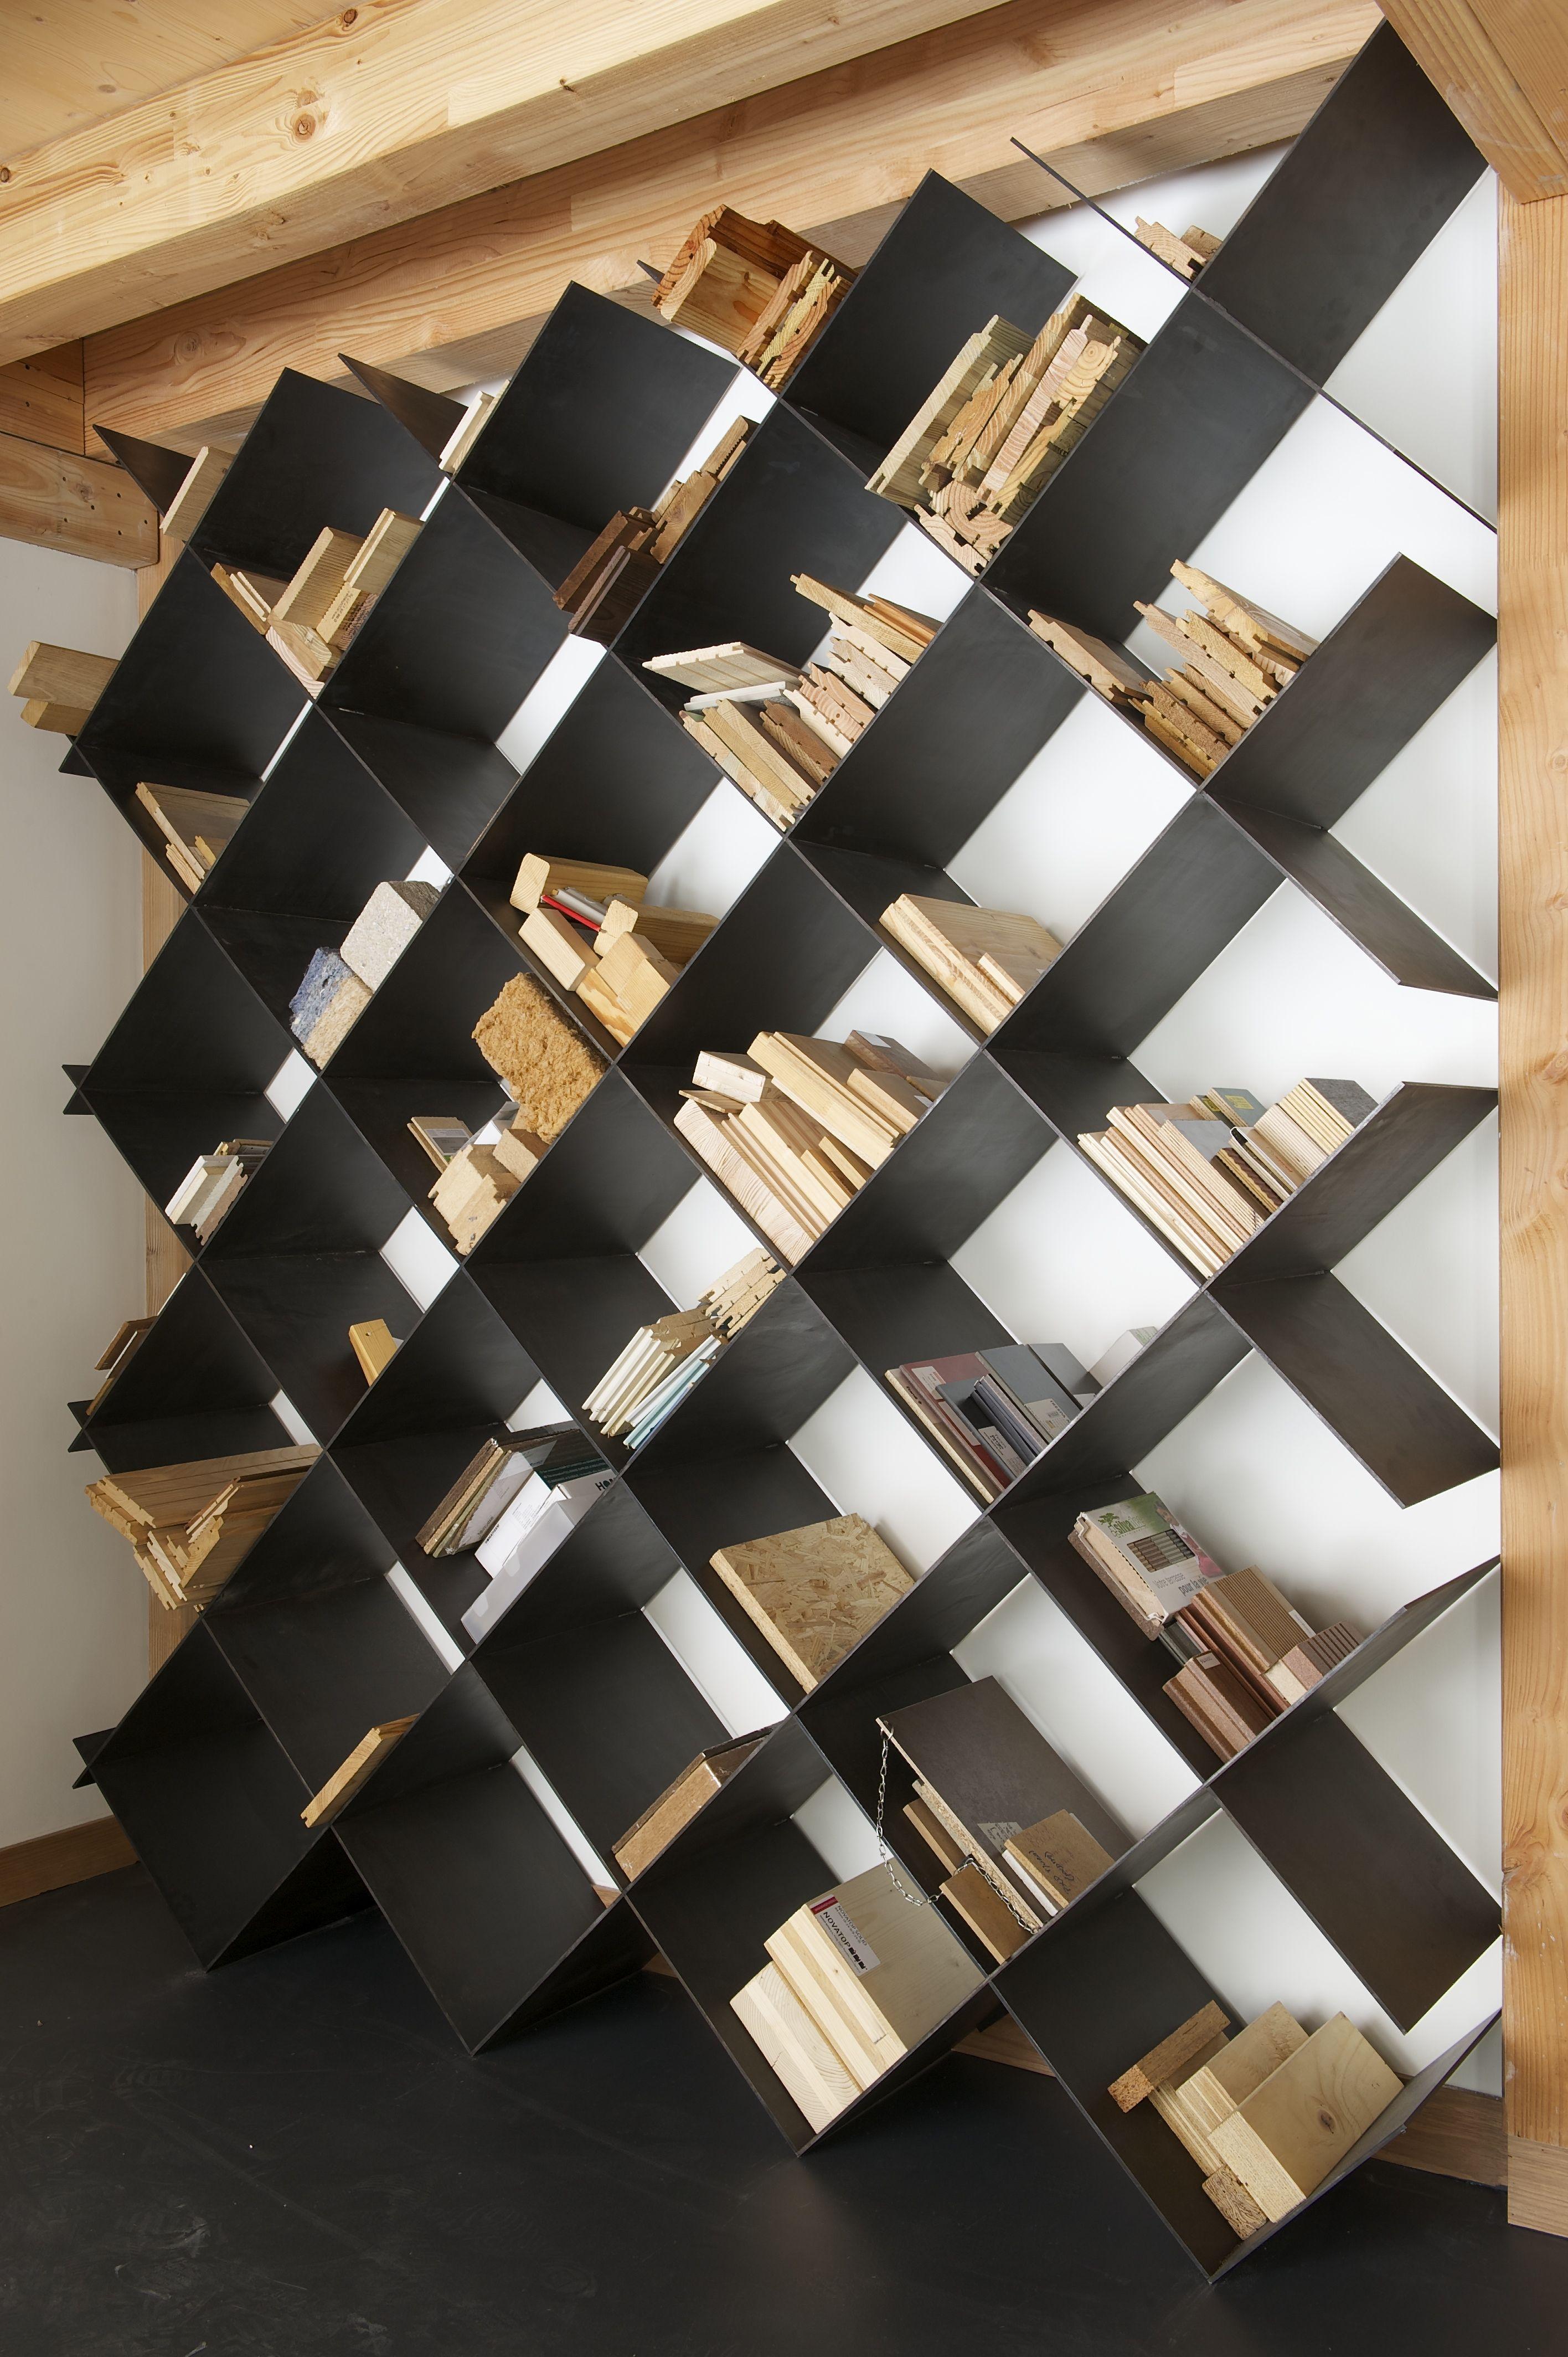 Materiautheque En Acier Fabricant Metalobil Nantes Daney Factory Idees Pour La Maison Decoration Escalier Deco Contemporaine